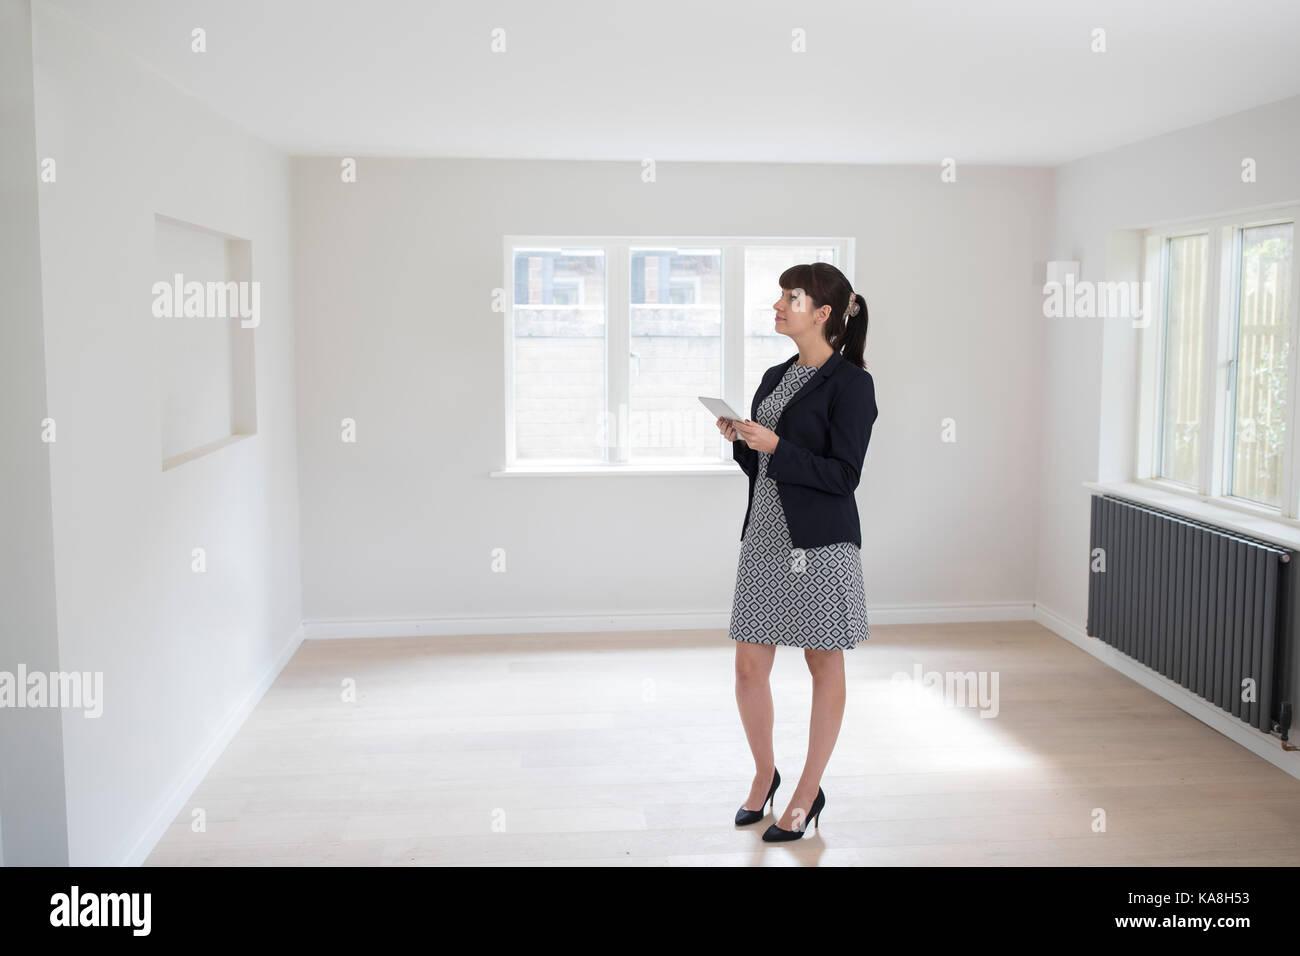 Femmina agente immobiliare con tavoletta digitale guardando intorno la proprietà vacante per la valutazione Immagini Stock